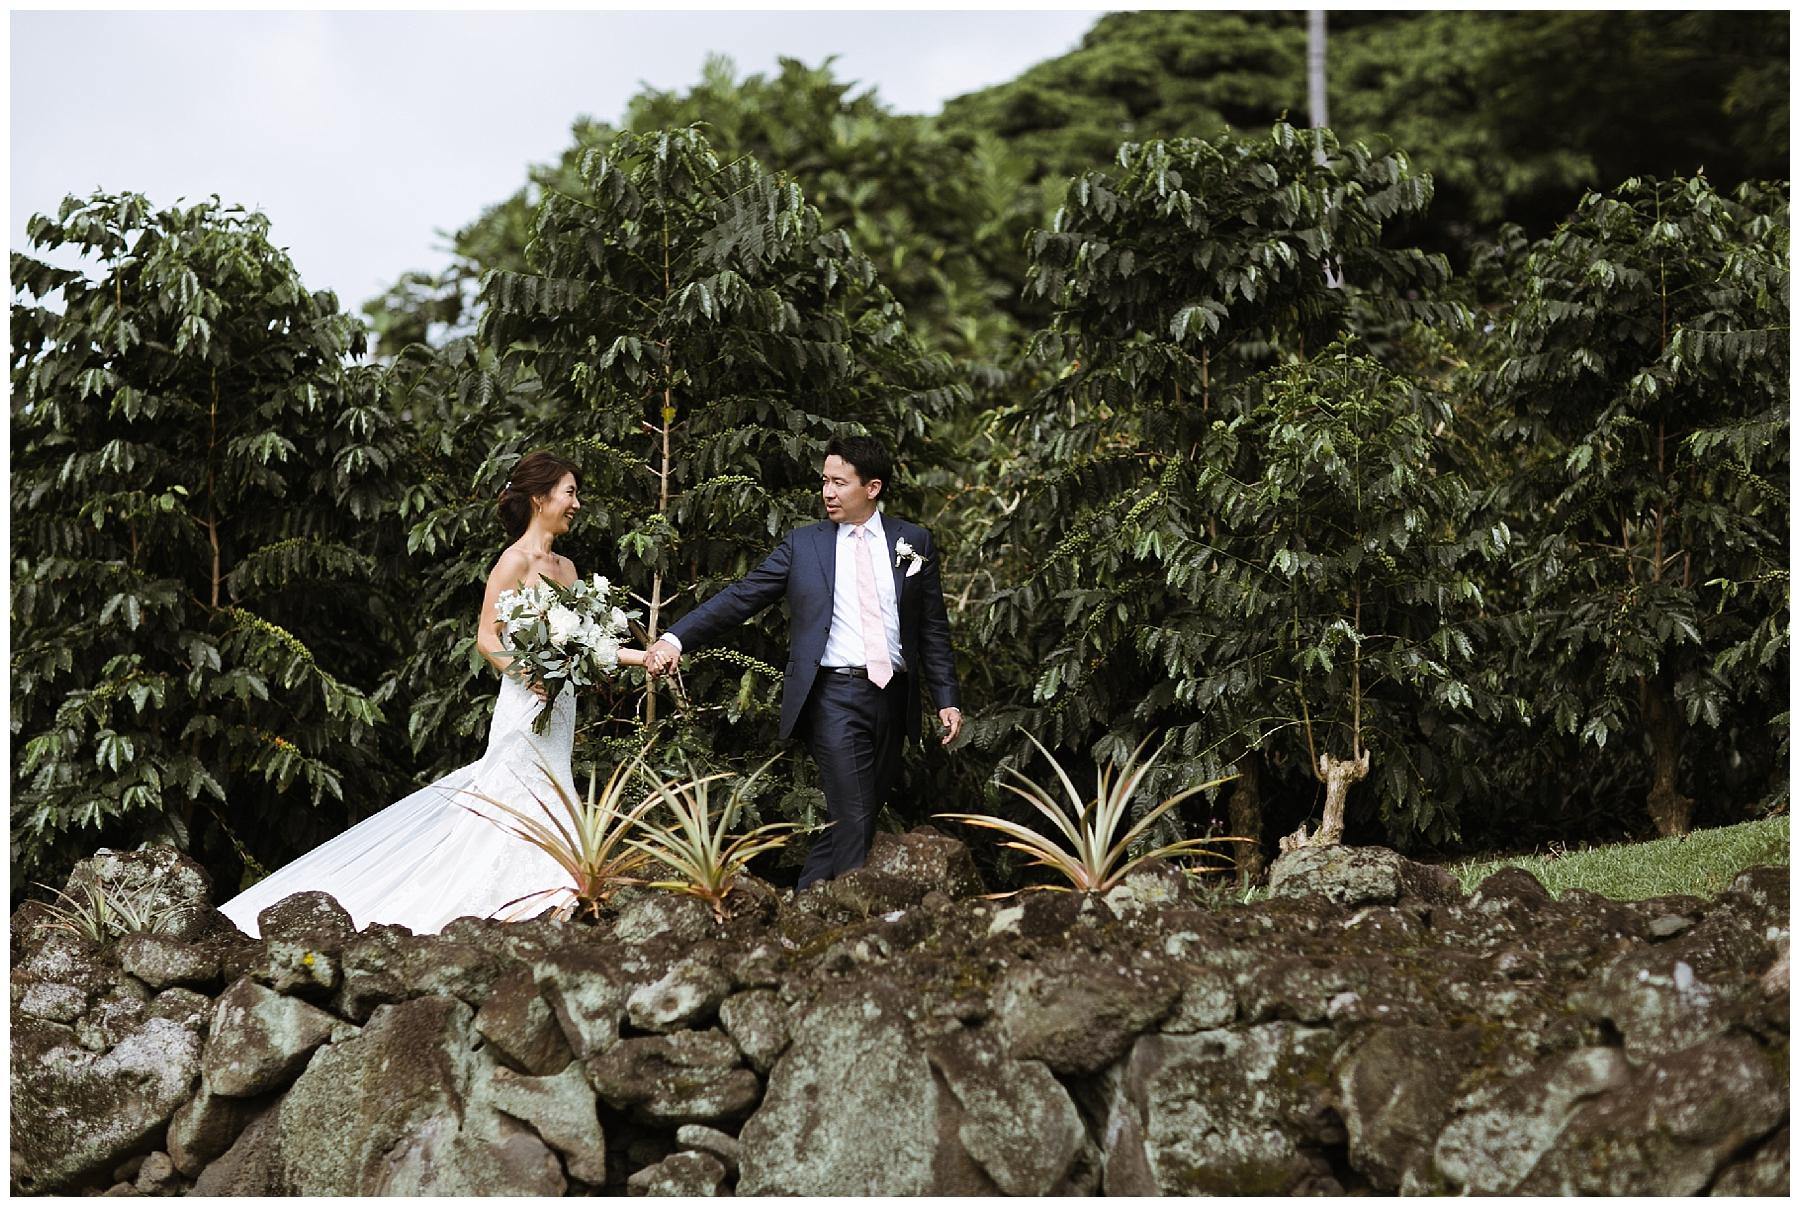 Bliss in Bloom Kailua Kona Hawaii Wedding Event Coordination_0059.jpg